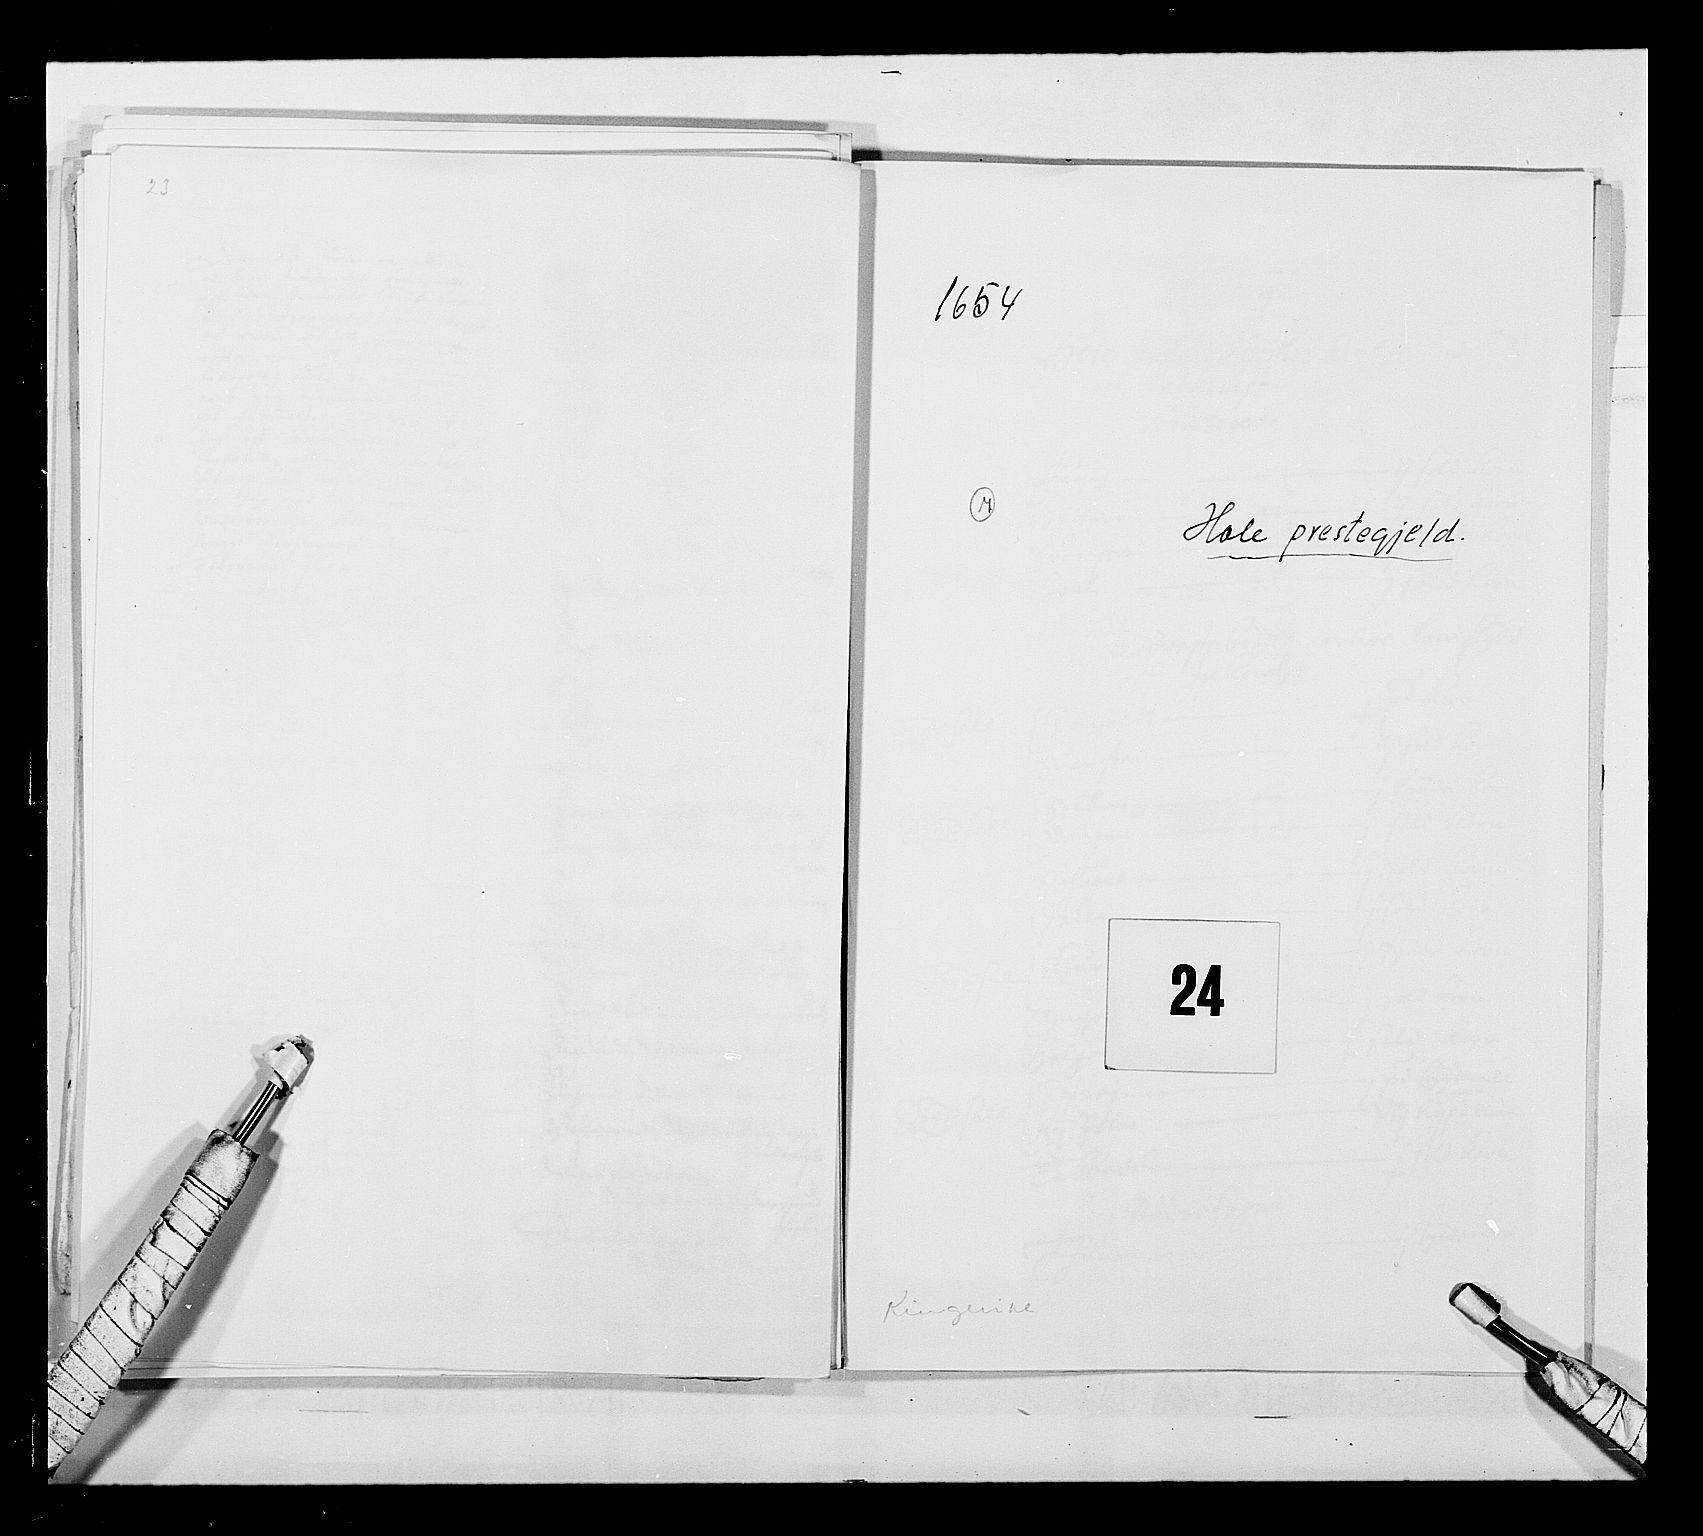 RA, Stattholderembetet 1572-1771, Ek/L0030: Jordebøker 1633-1658:, 1654, s. 101